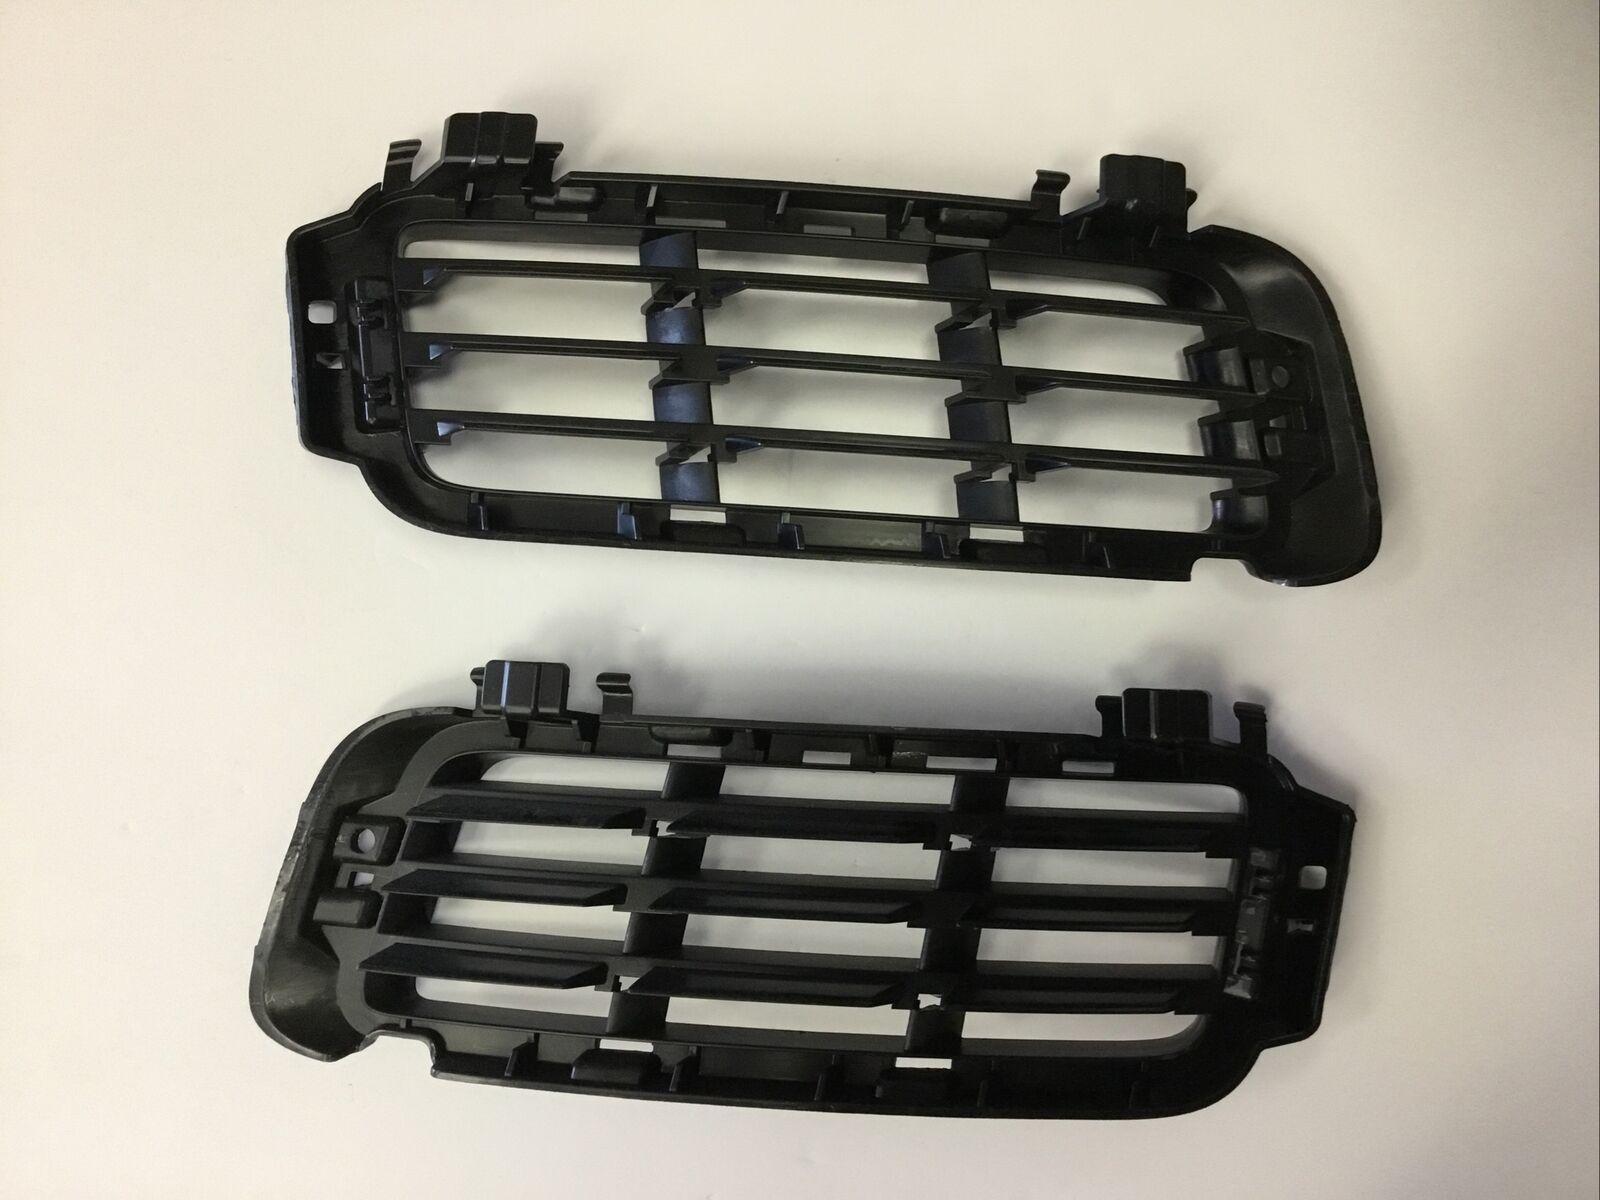 Leilims 4 x Range Rover 63 mm Couvre-moyeu Lot de 4 enjoliveurs Couverture Rim Chrome Noir